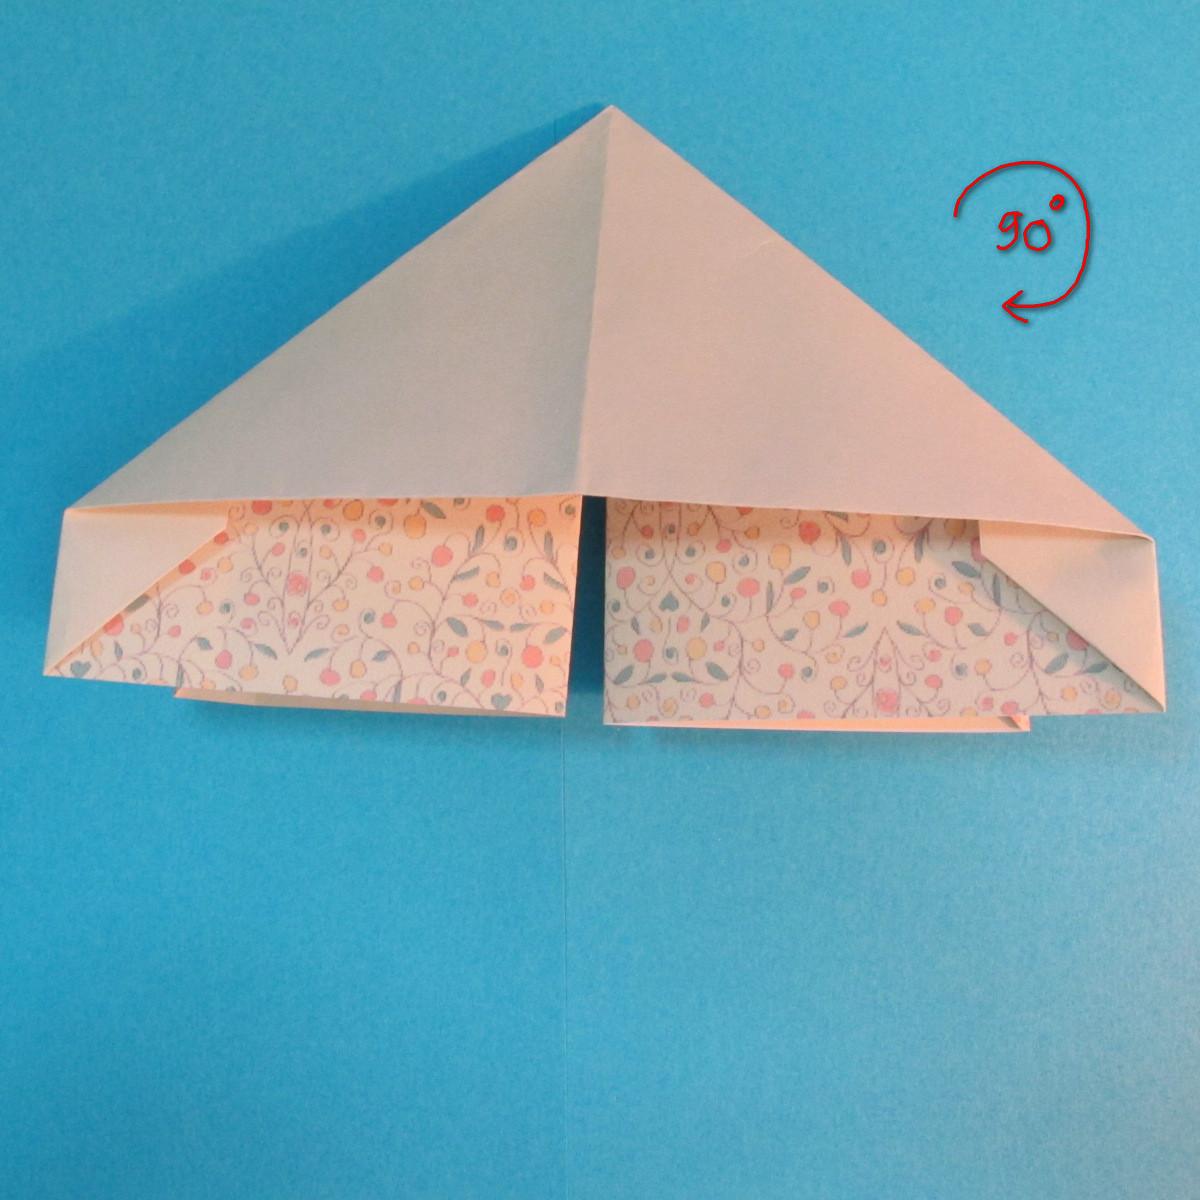 วิธีพับกระดาษเป็นผีเสื้อหางแฉก 023